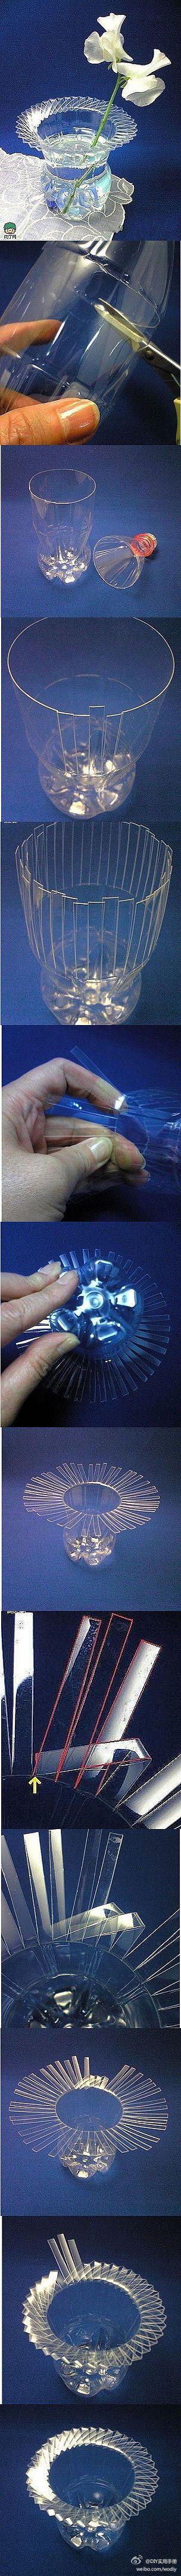 DIY Plastic Bottle Flower Vase: